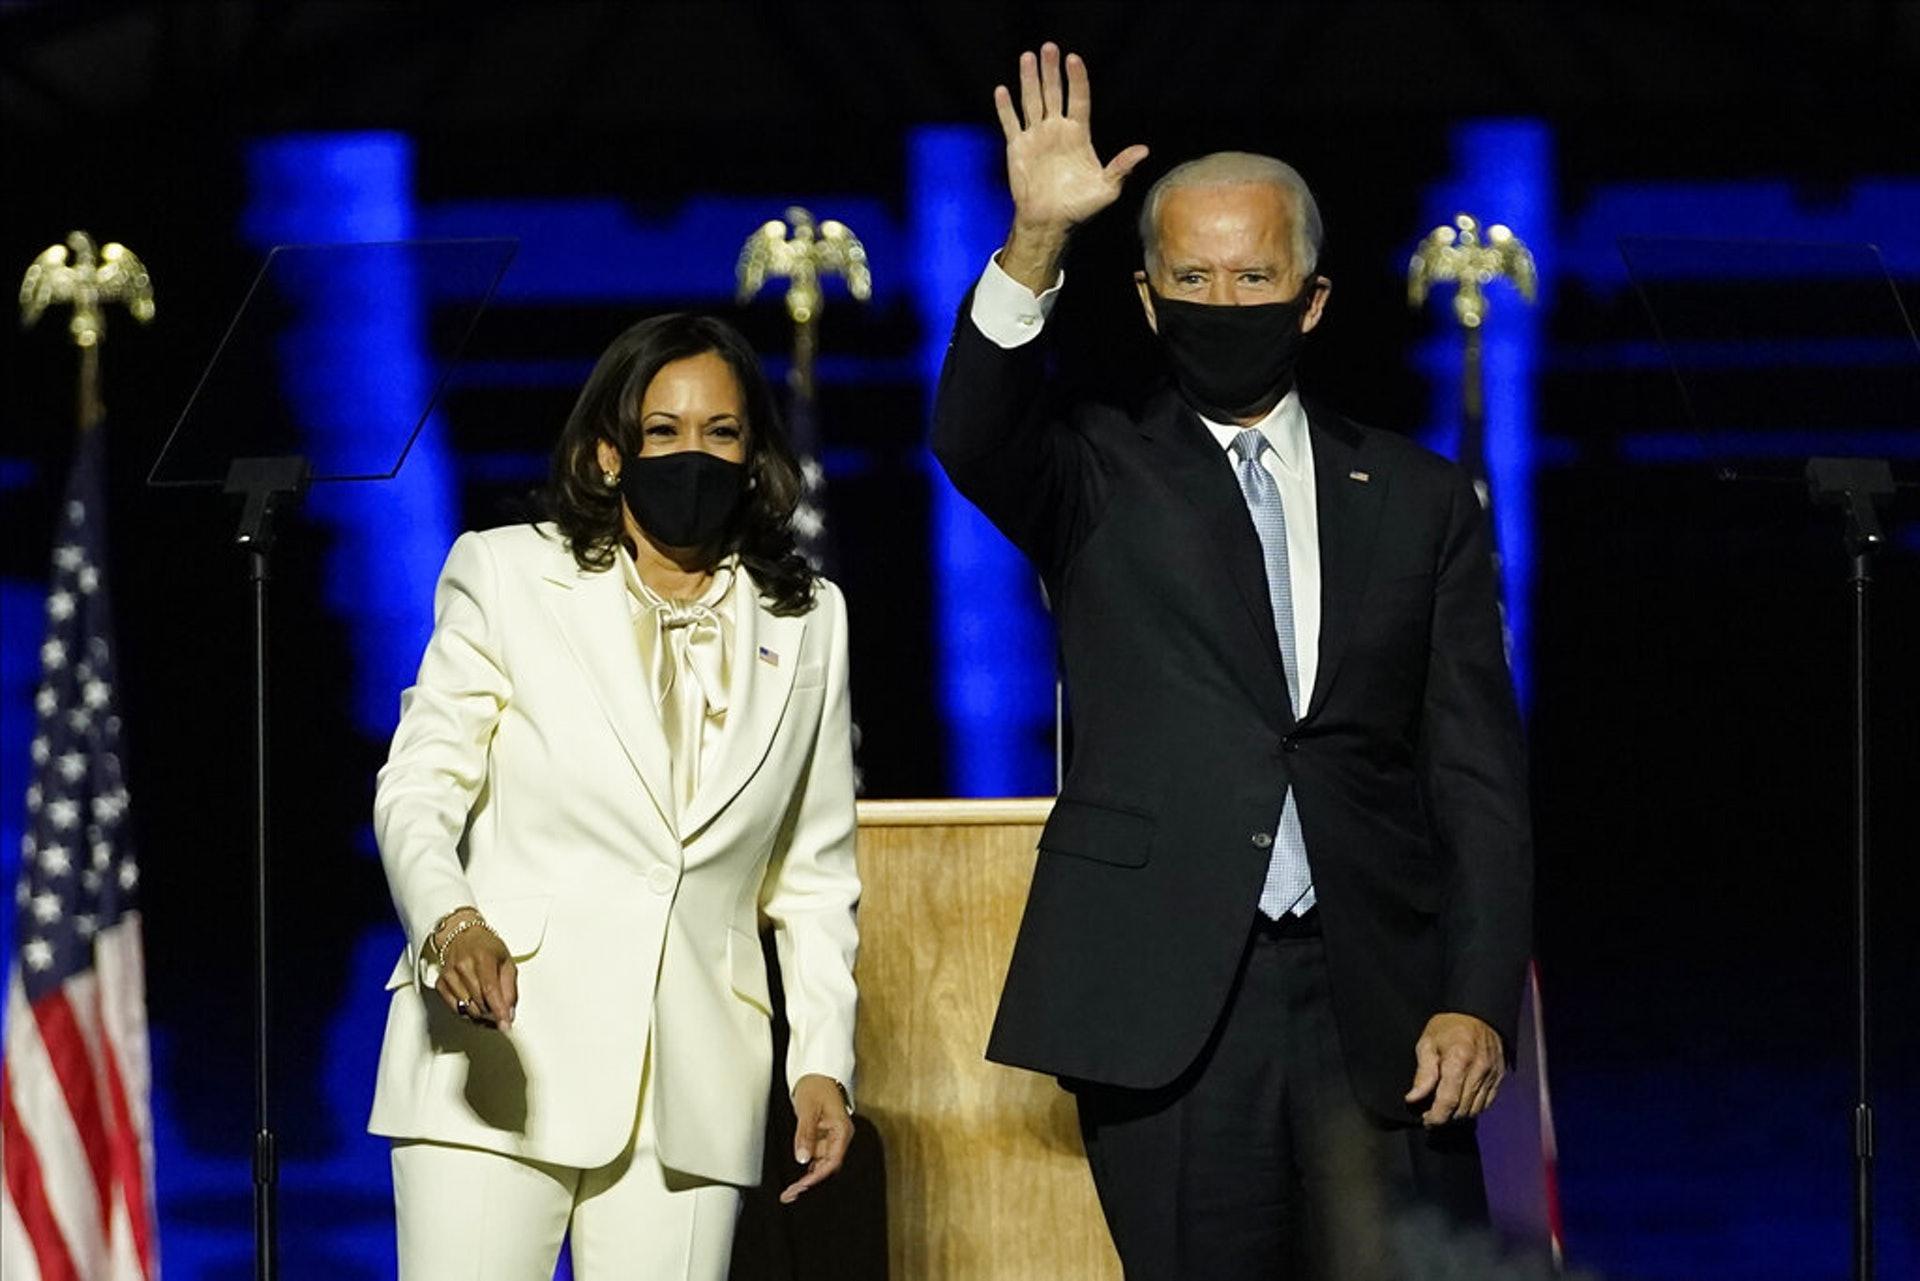 美國民主黨總統候選人拜登及其副手賀錦麗於11月7日在達拉華州威爾明頓發表講話。(AP)